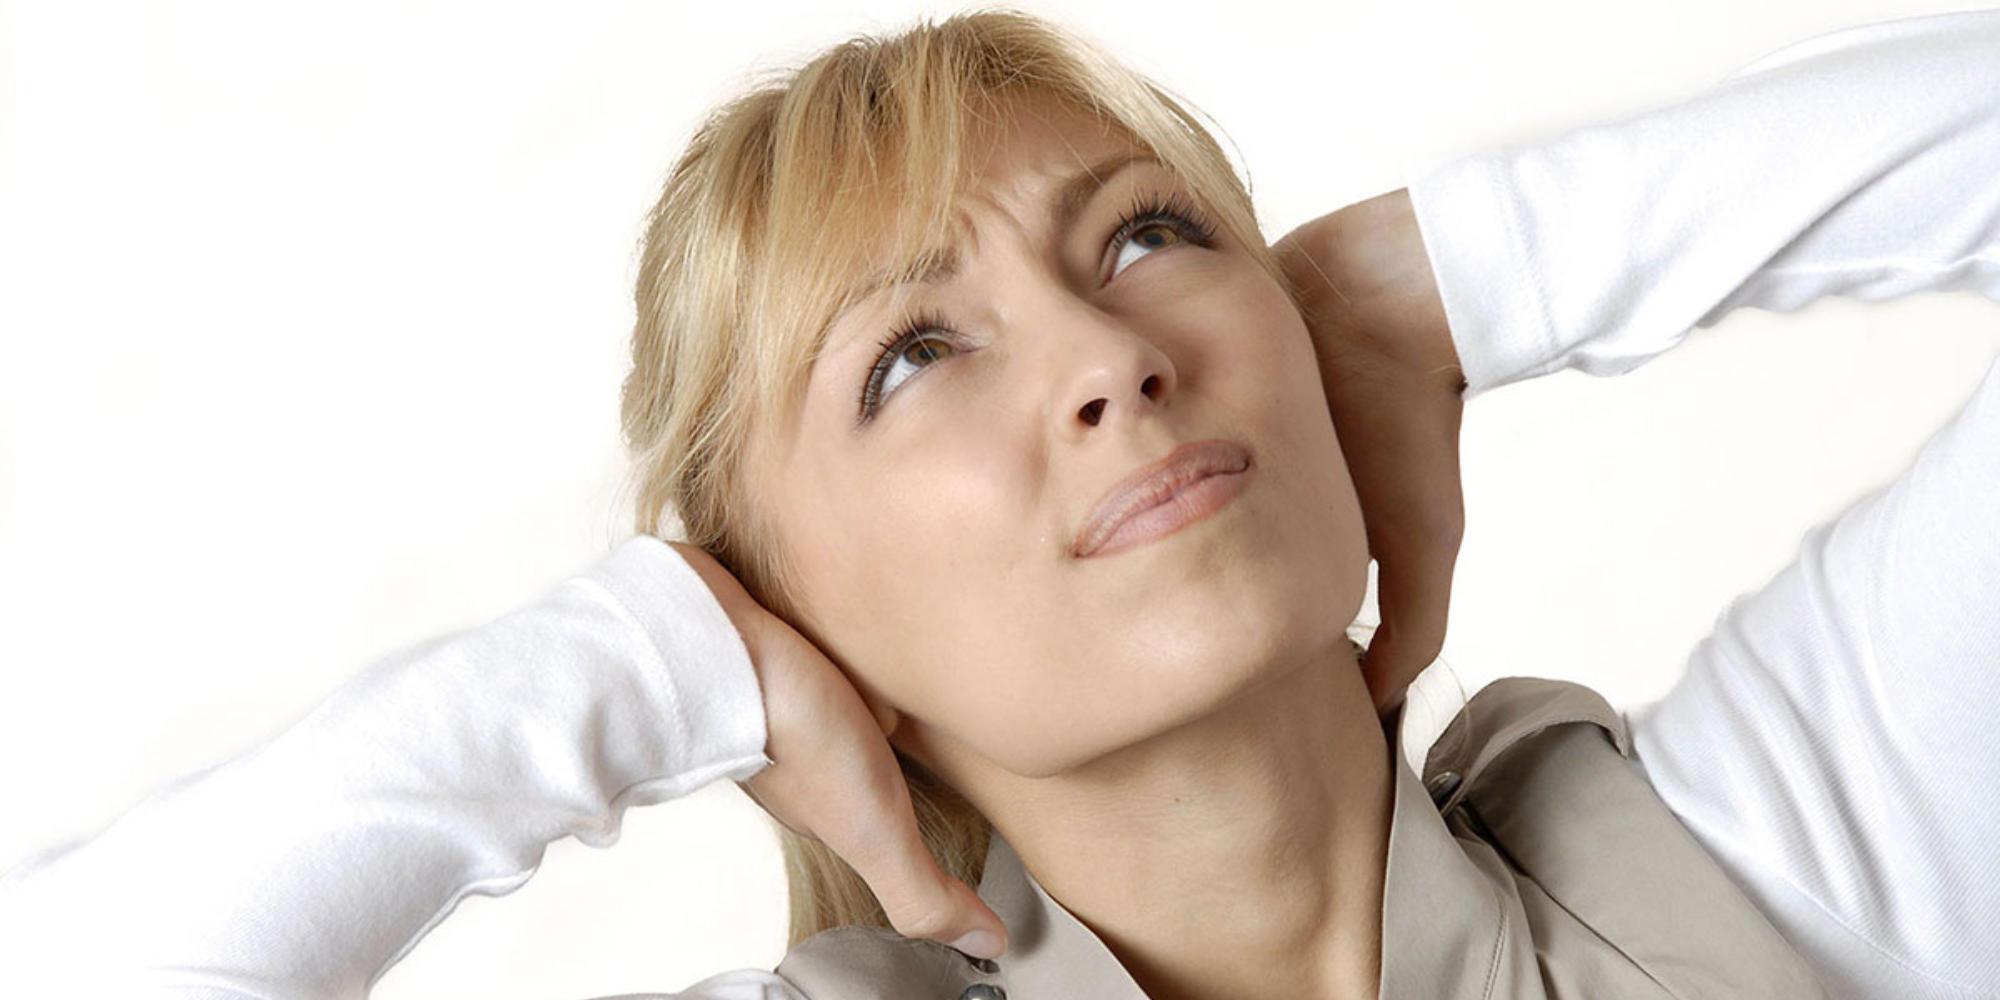 Quel est le niveau sonore d'une sirène d'alarme?